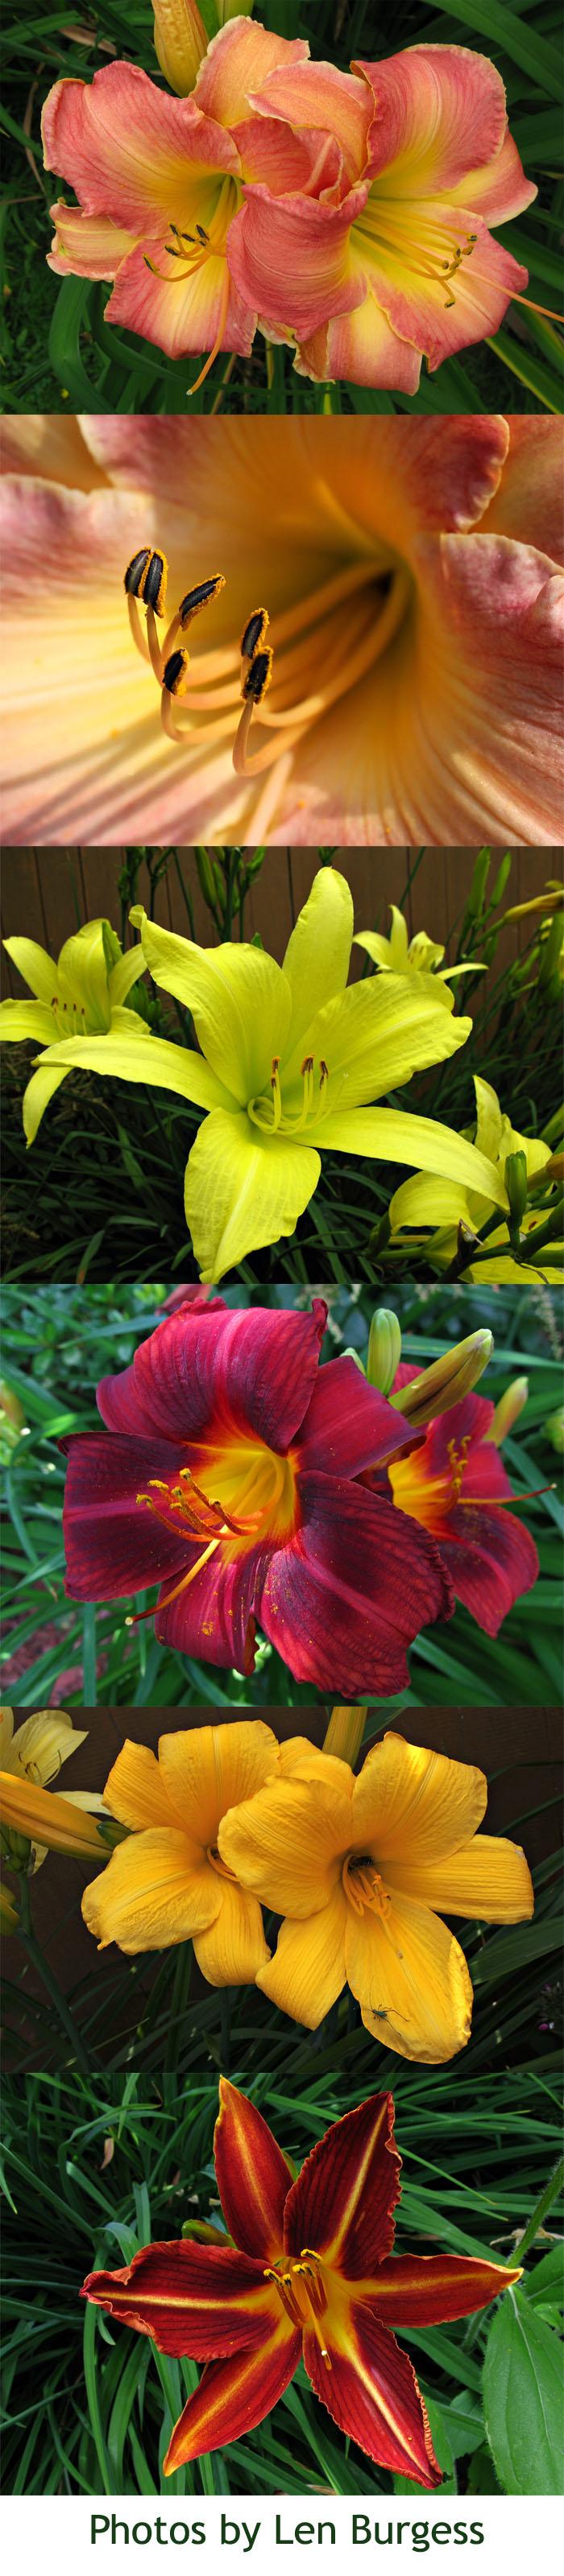 len burgess lilies